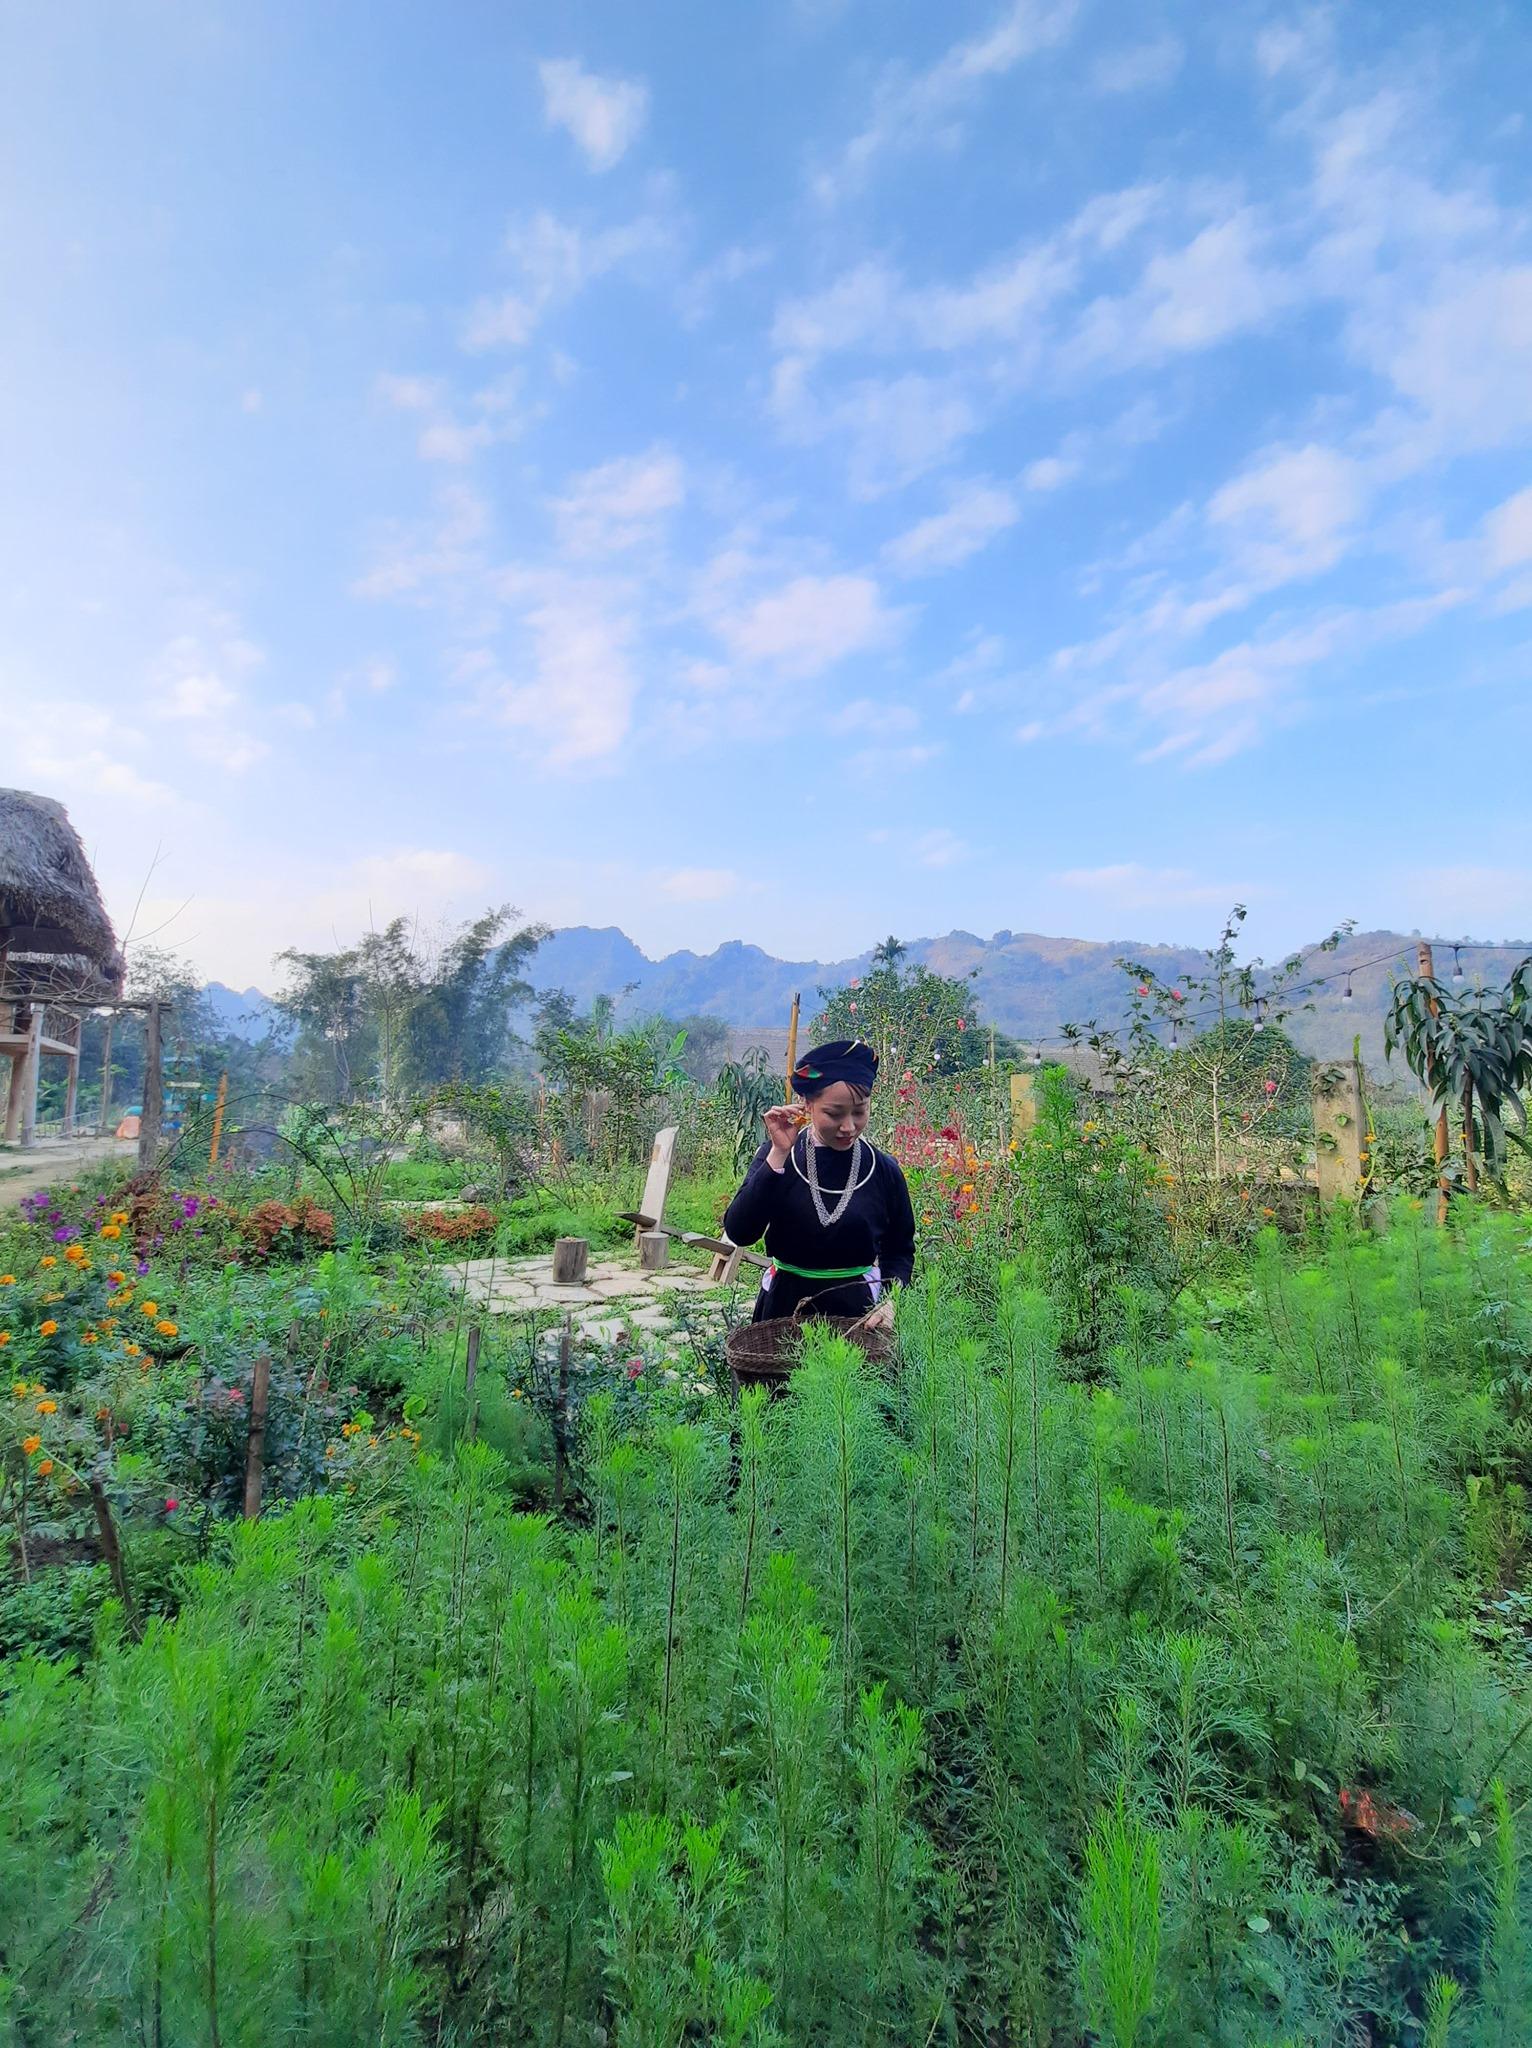 Vườn rau xanh ngắt ở Xoi Farmstay. Hình: Sưu tầm